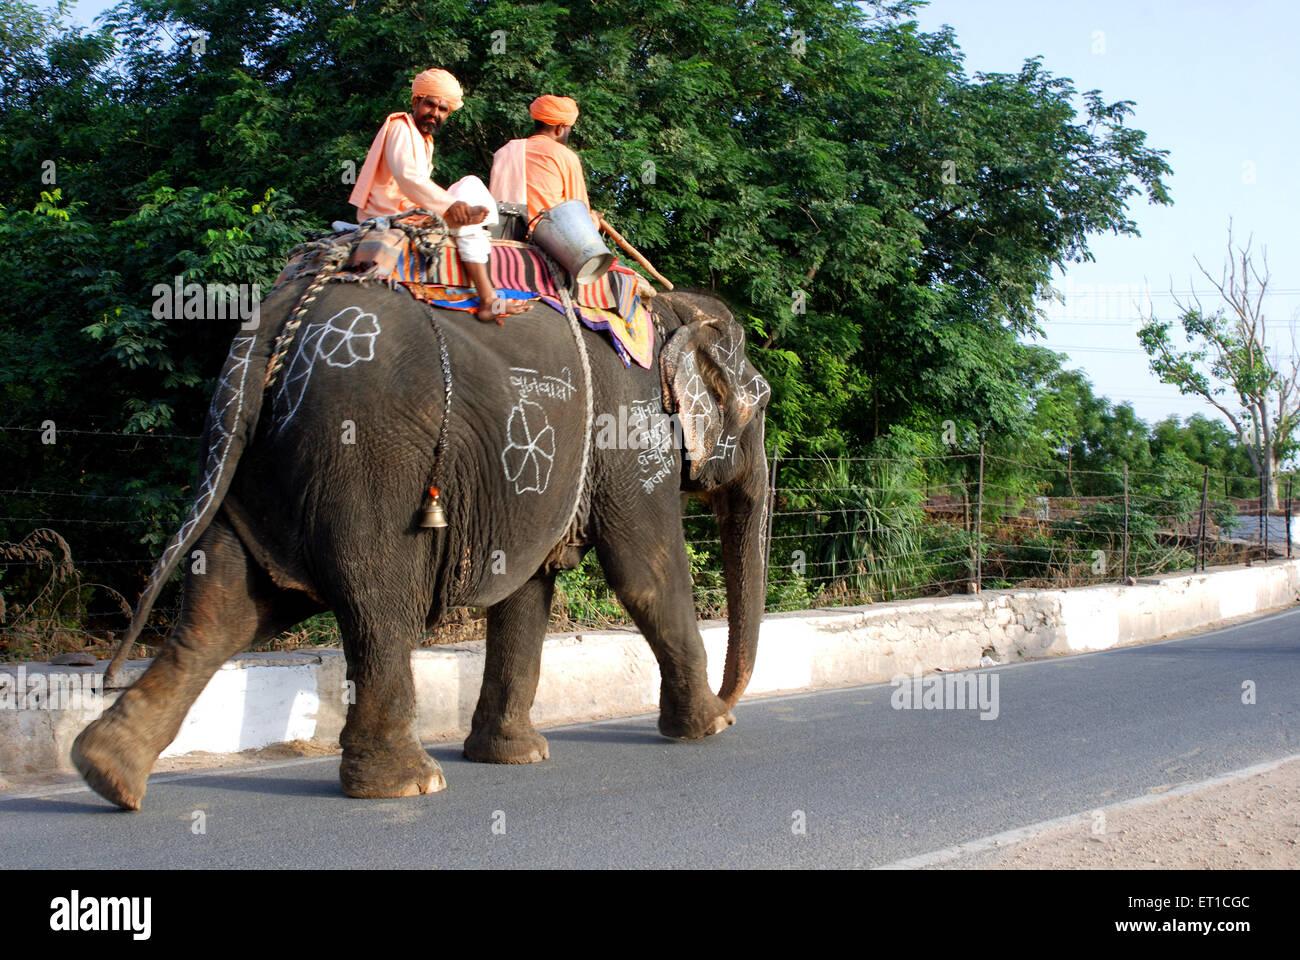 Sadhus sitting on elephant walking on road ; Jodhpur ; Rajasthan ; India - Stock Image